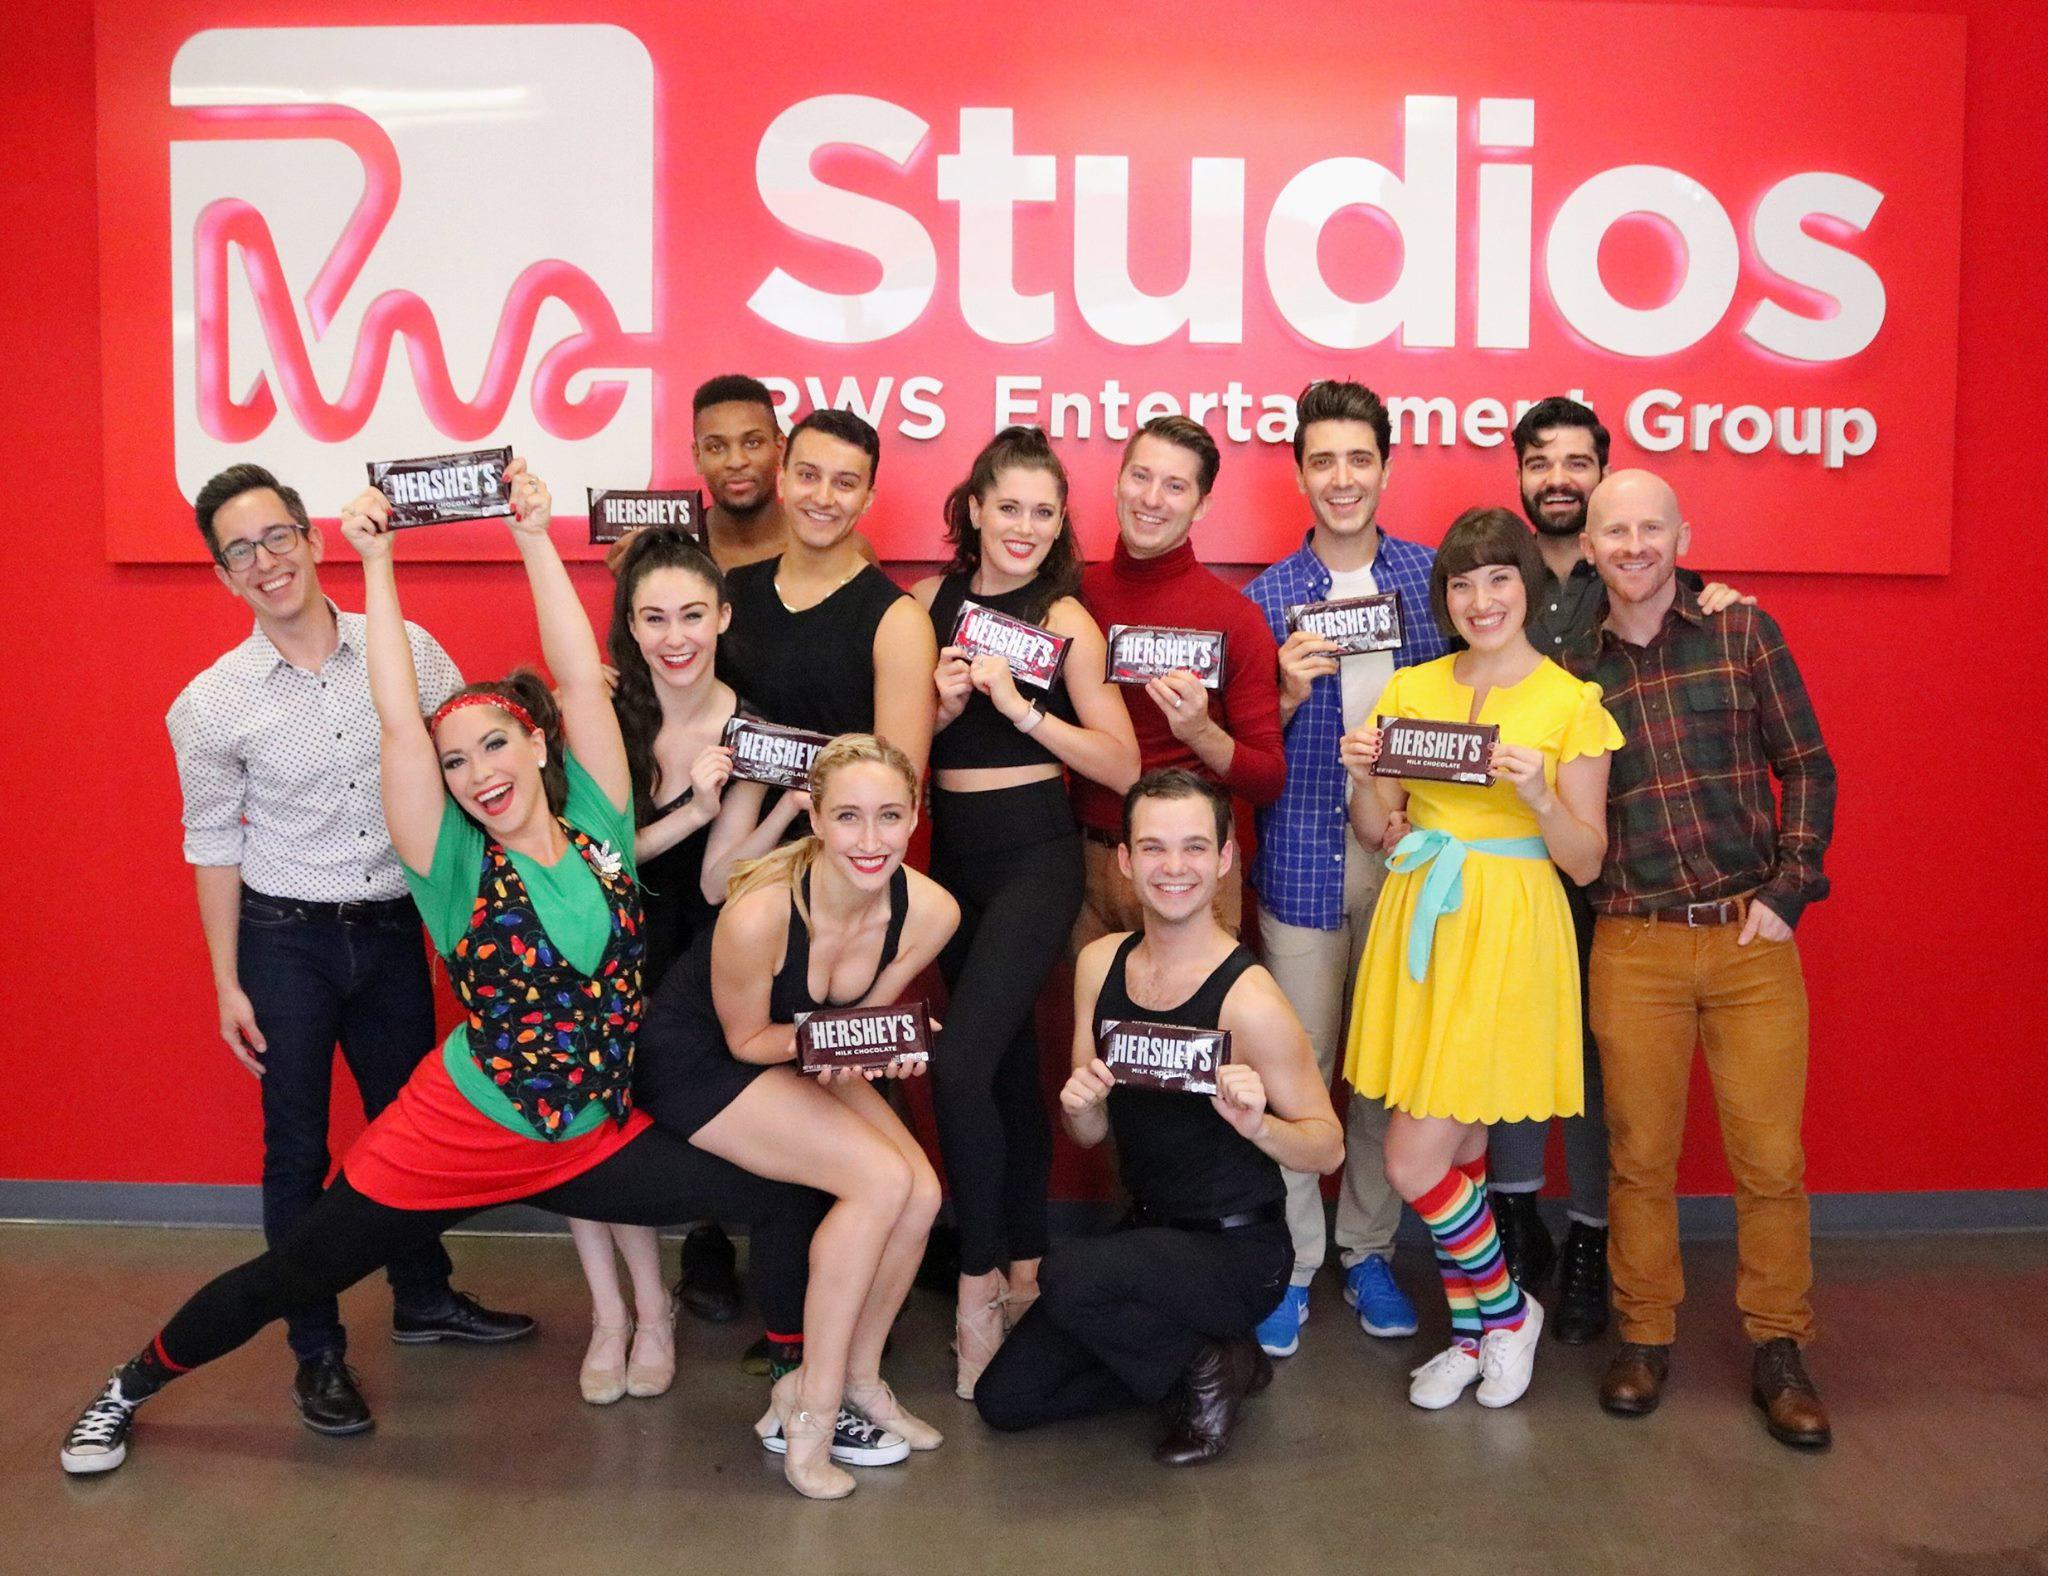 RWS Entertainment Group, Katy Kauffman